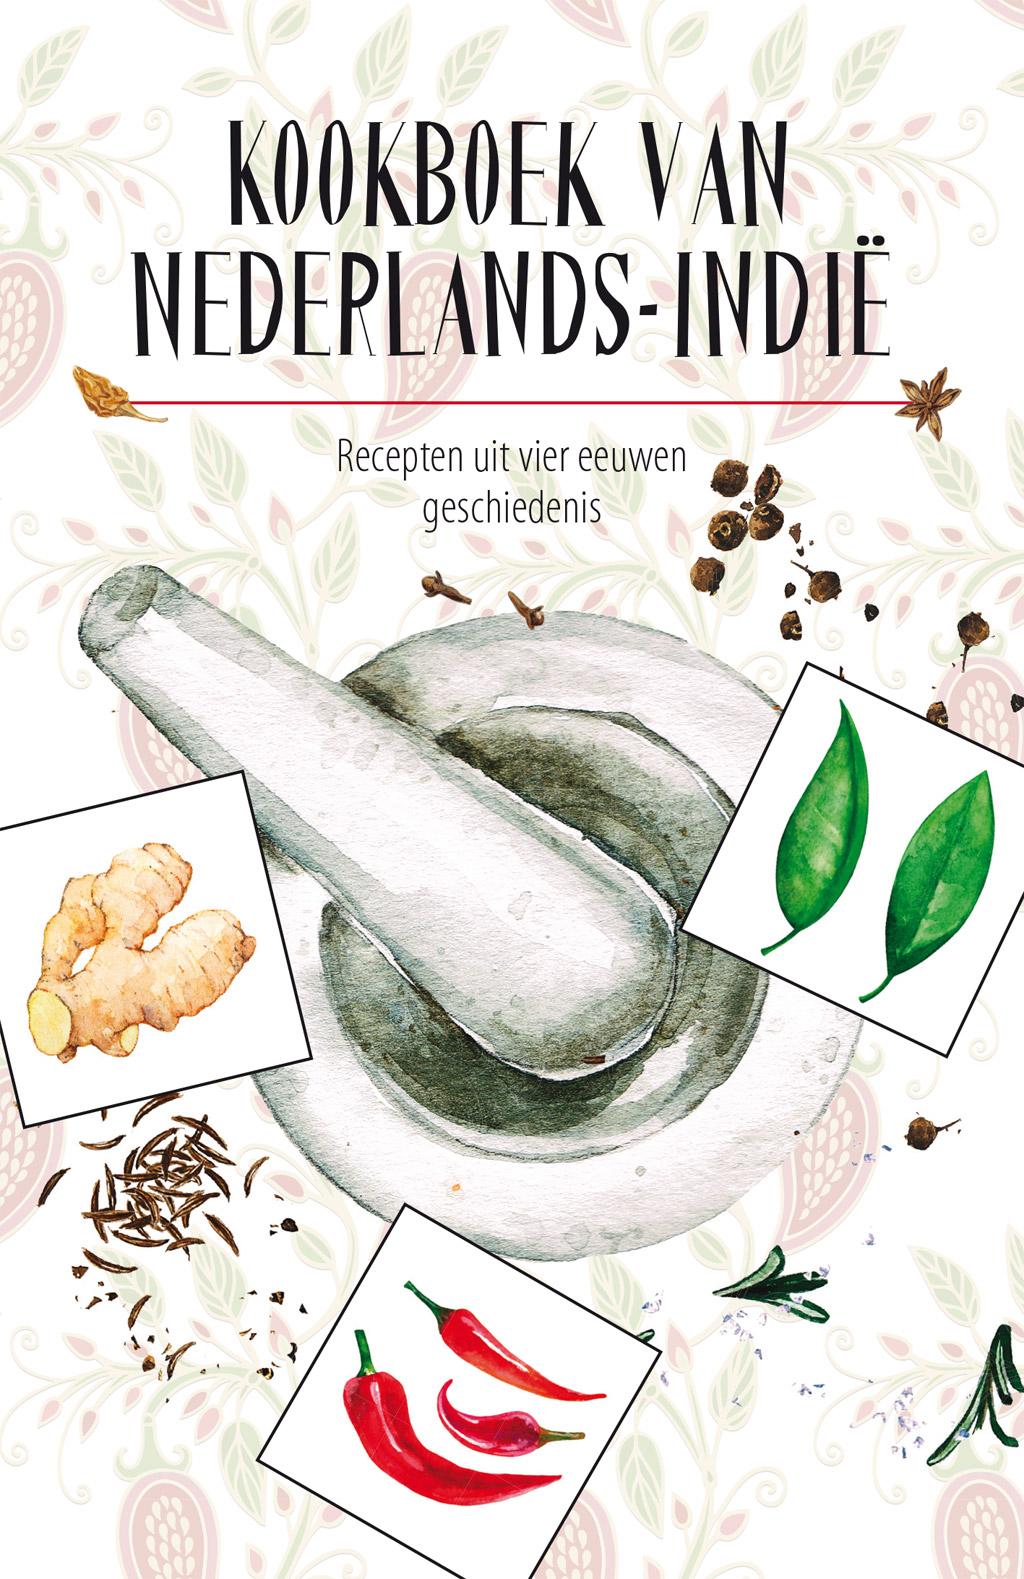 Kookboek van Nederlands-Indië - Cover